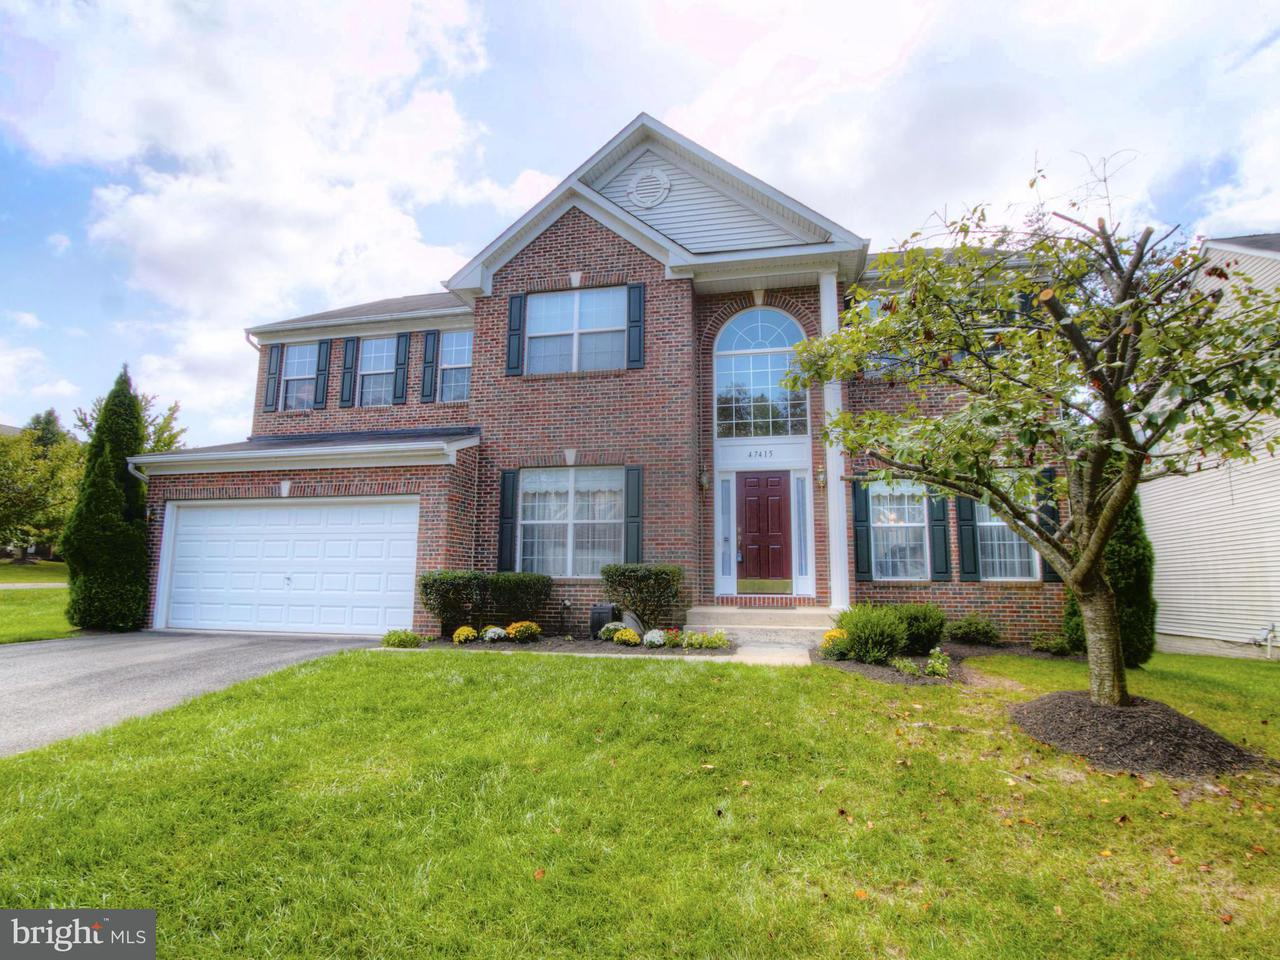 단독 가정 주택 용 매매 에 47415 HALCYON Place 47415 HALCYON Place Potomac Falls, 버지니아 20165 미국